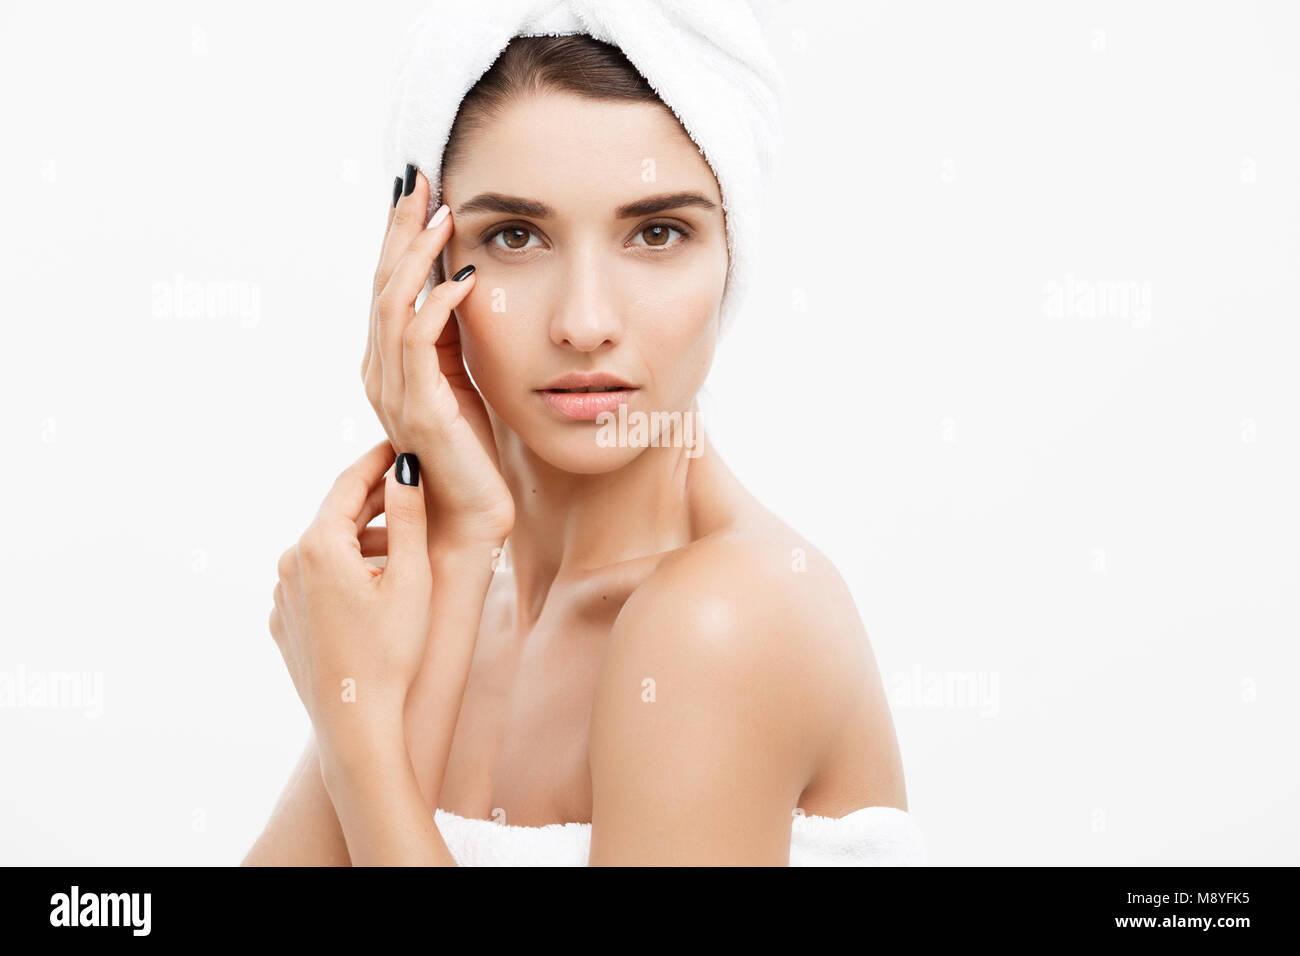 Concepto de belleza y cuidado de la piel - Cerrar hermosa joven tocando su piel Imagen De Stock